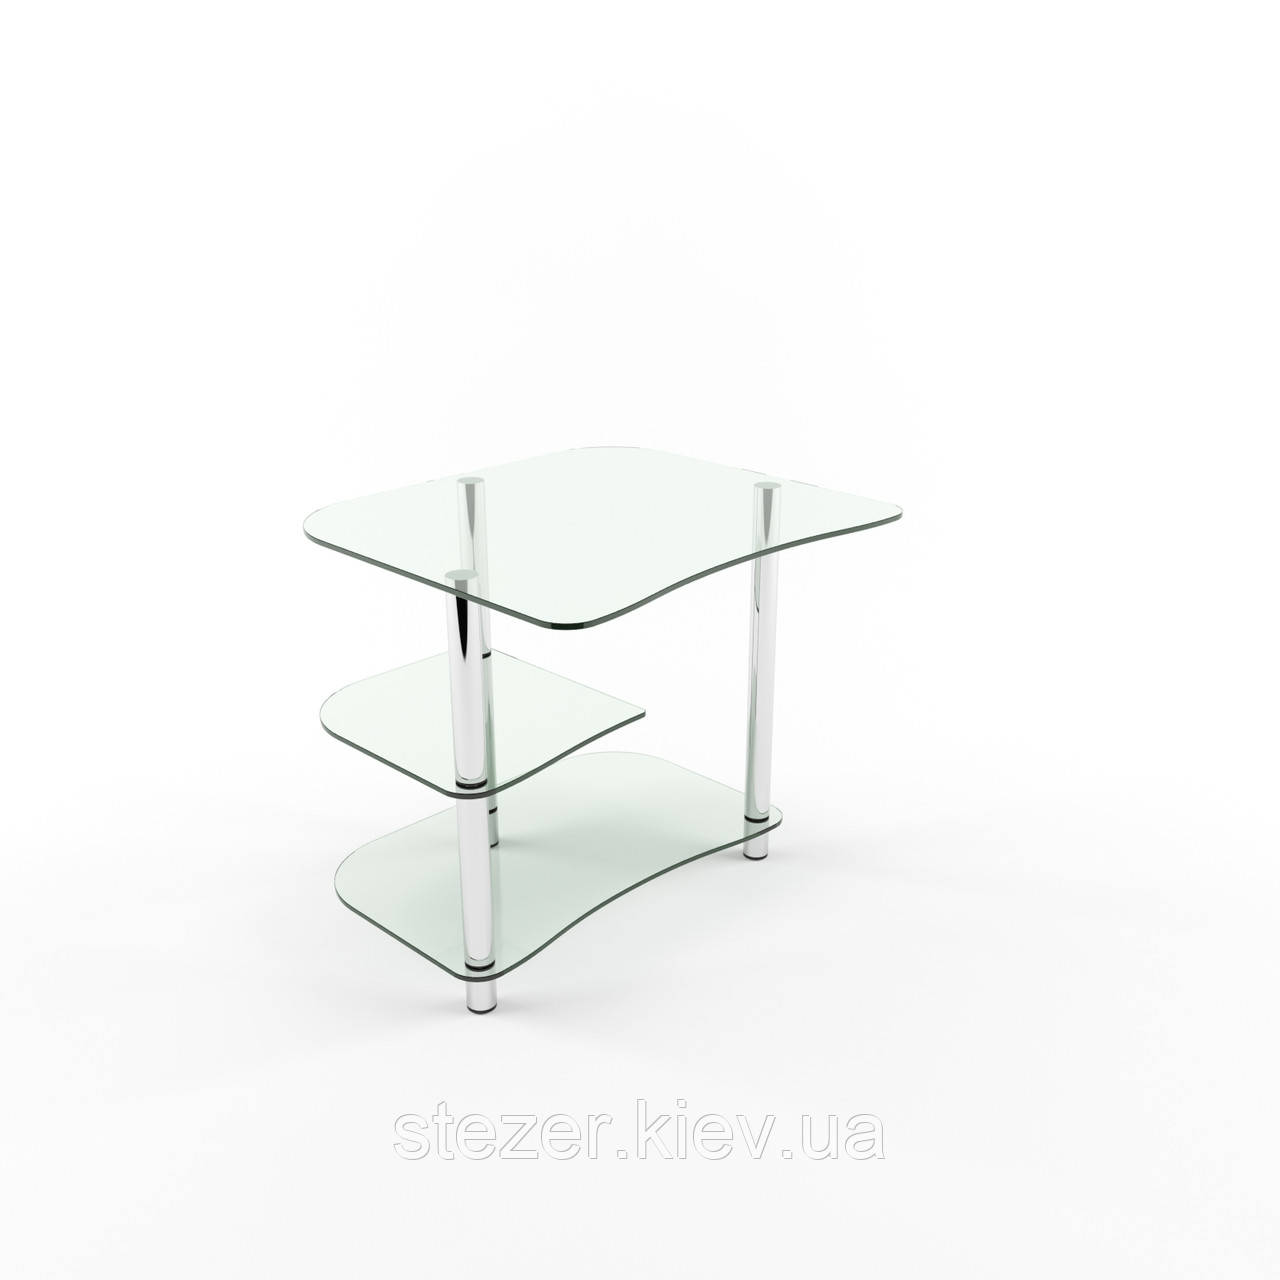 Столик для ноутбука из стекла